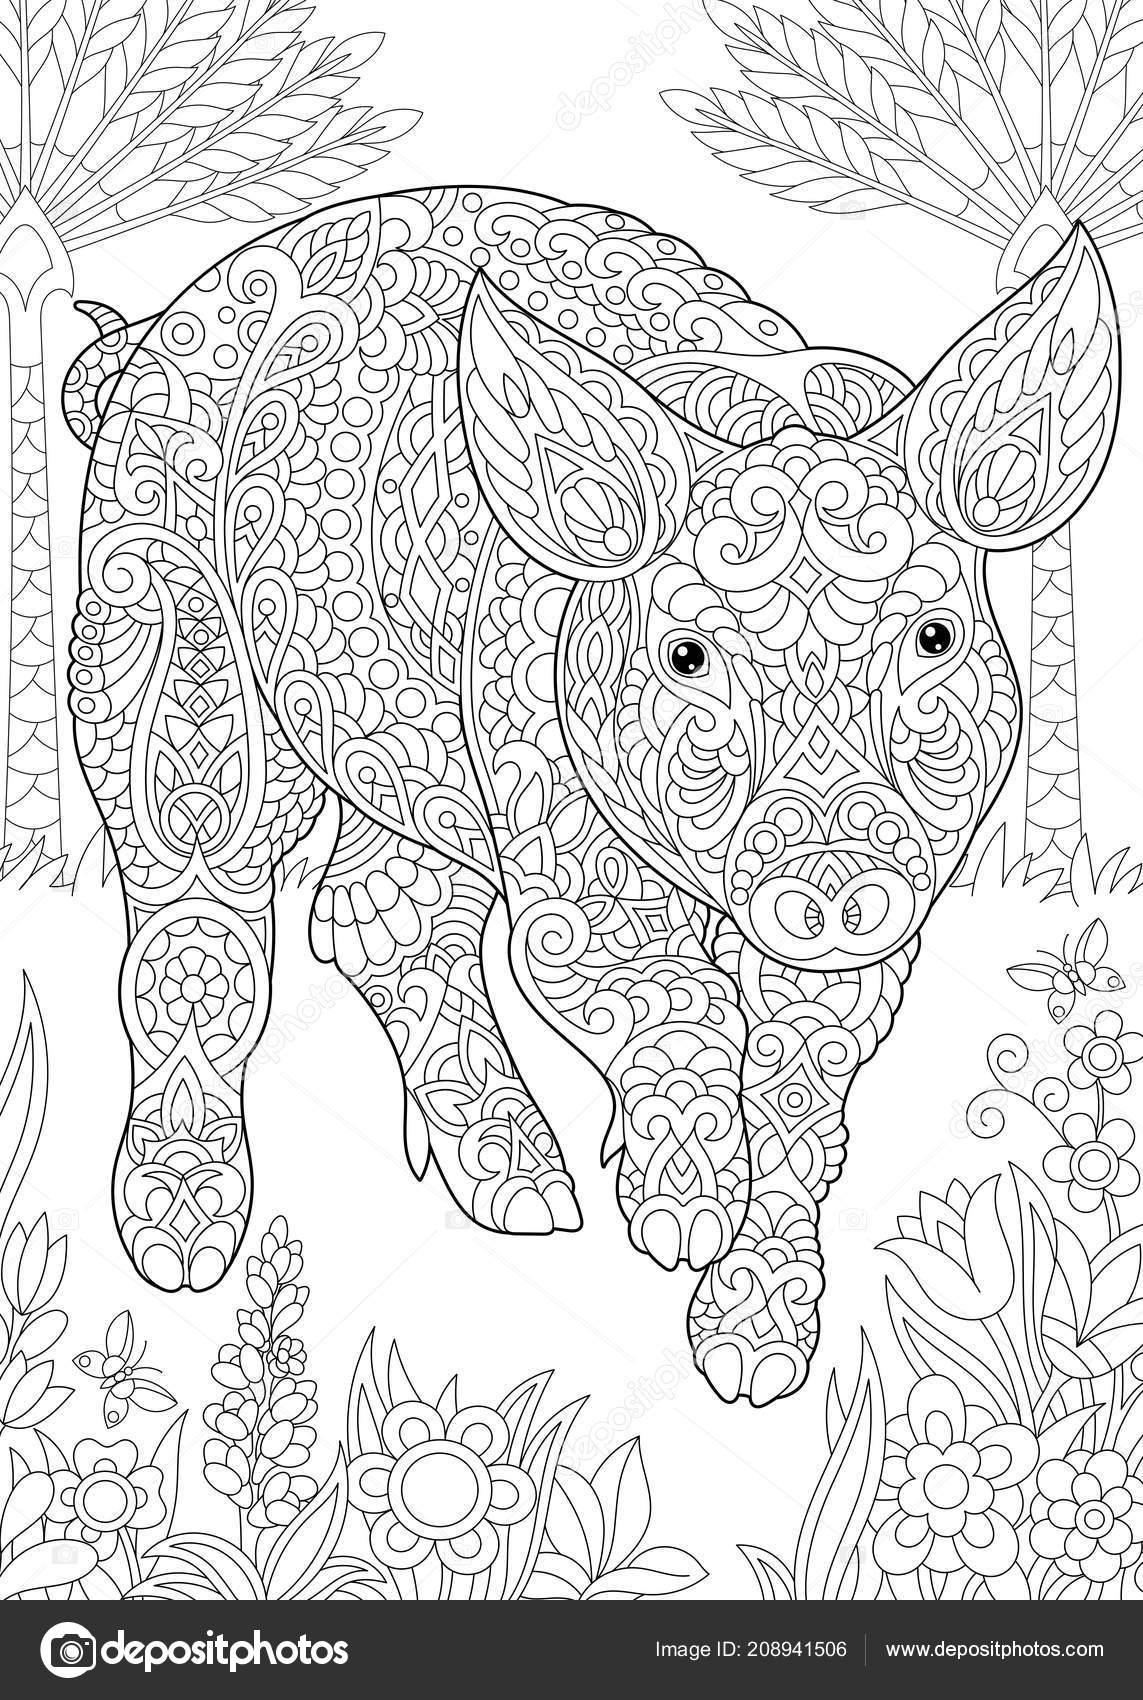 Kleurplaten Nieuwjaar 2019.Kleurplaat Kleurboek Kleuren Foto Met Varken Schattig Piggy 2019